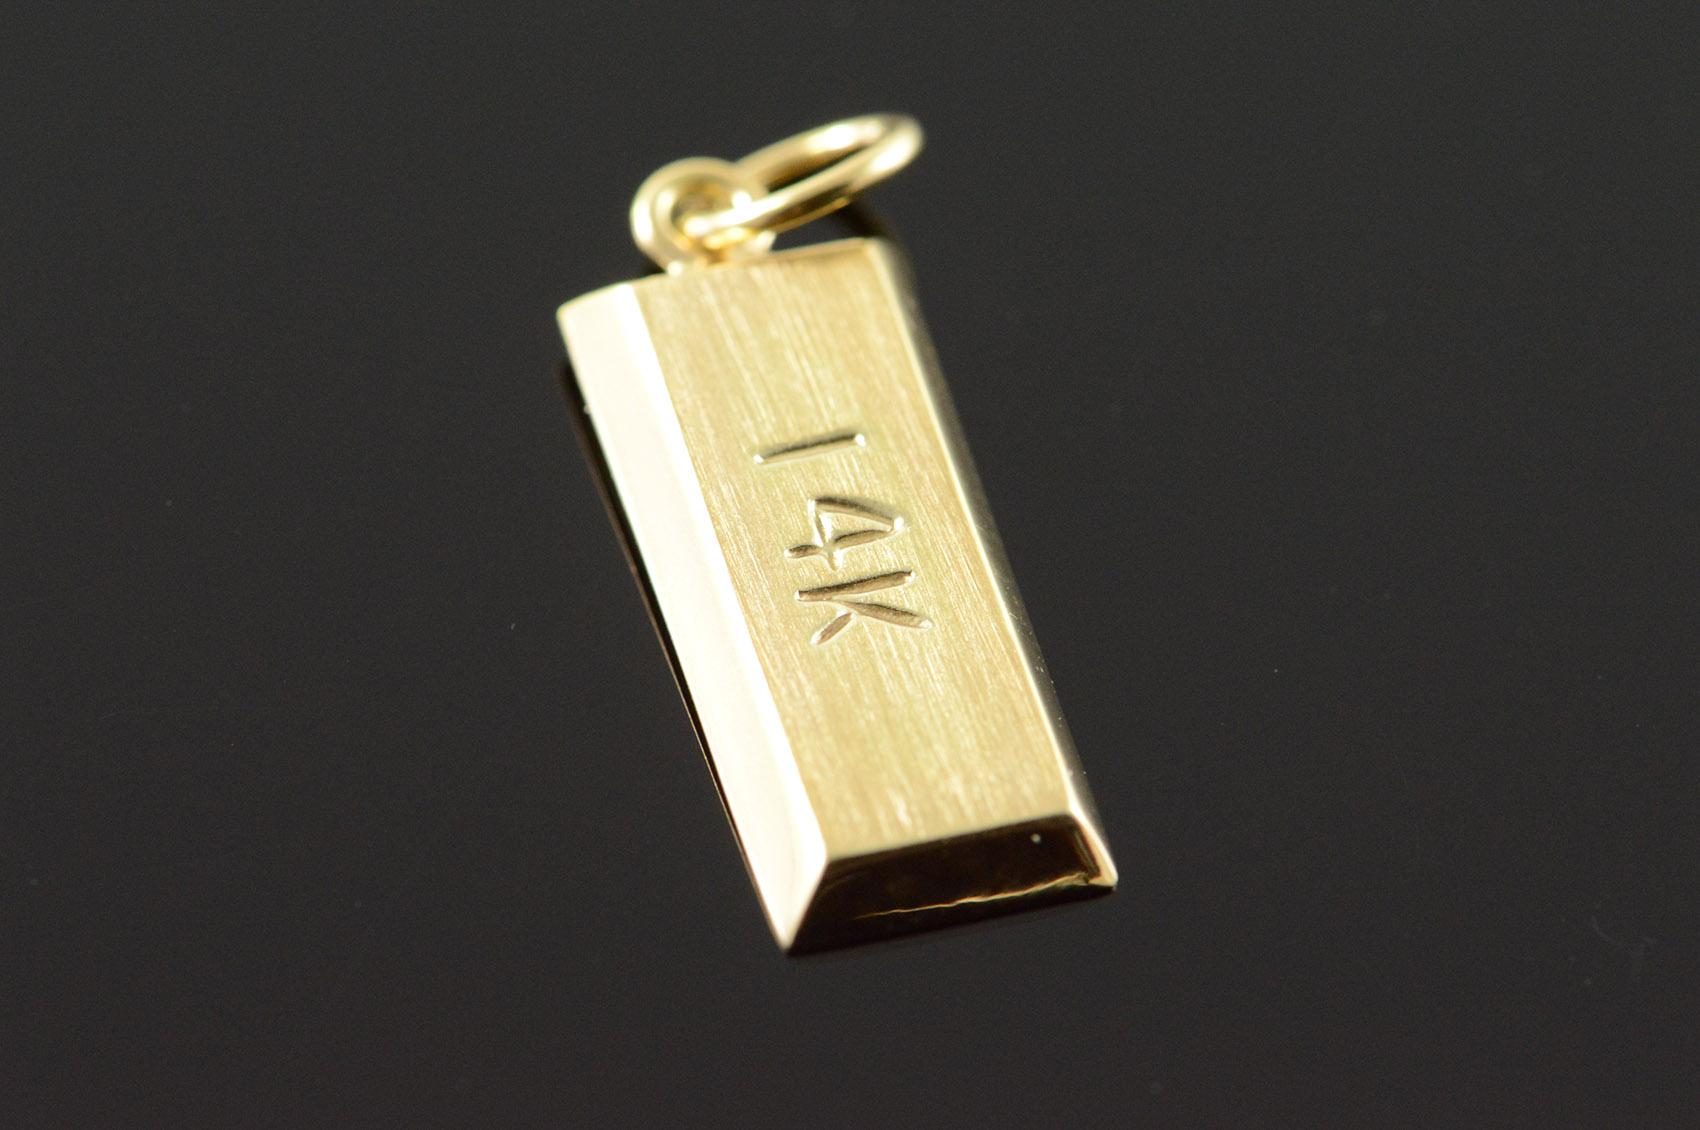 14k Gold Bullion Bar Yellow Charm